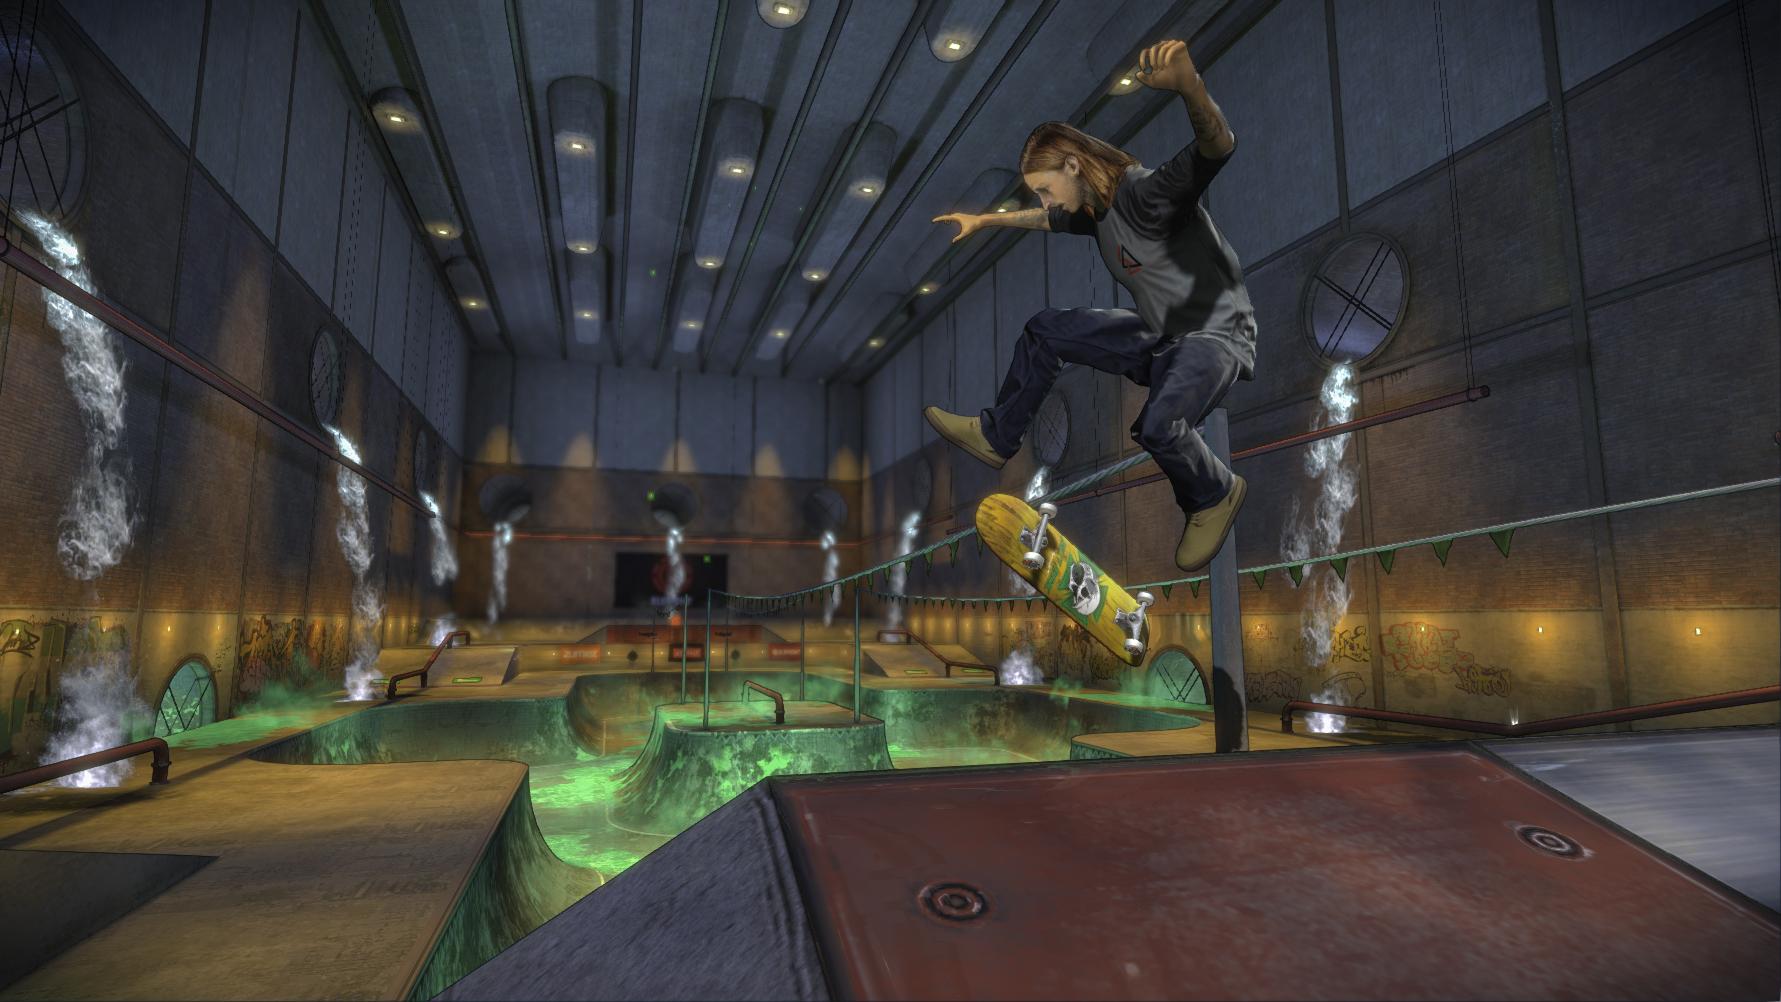 THPS5_SkatePark_Riley_360Flip_wdquv4